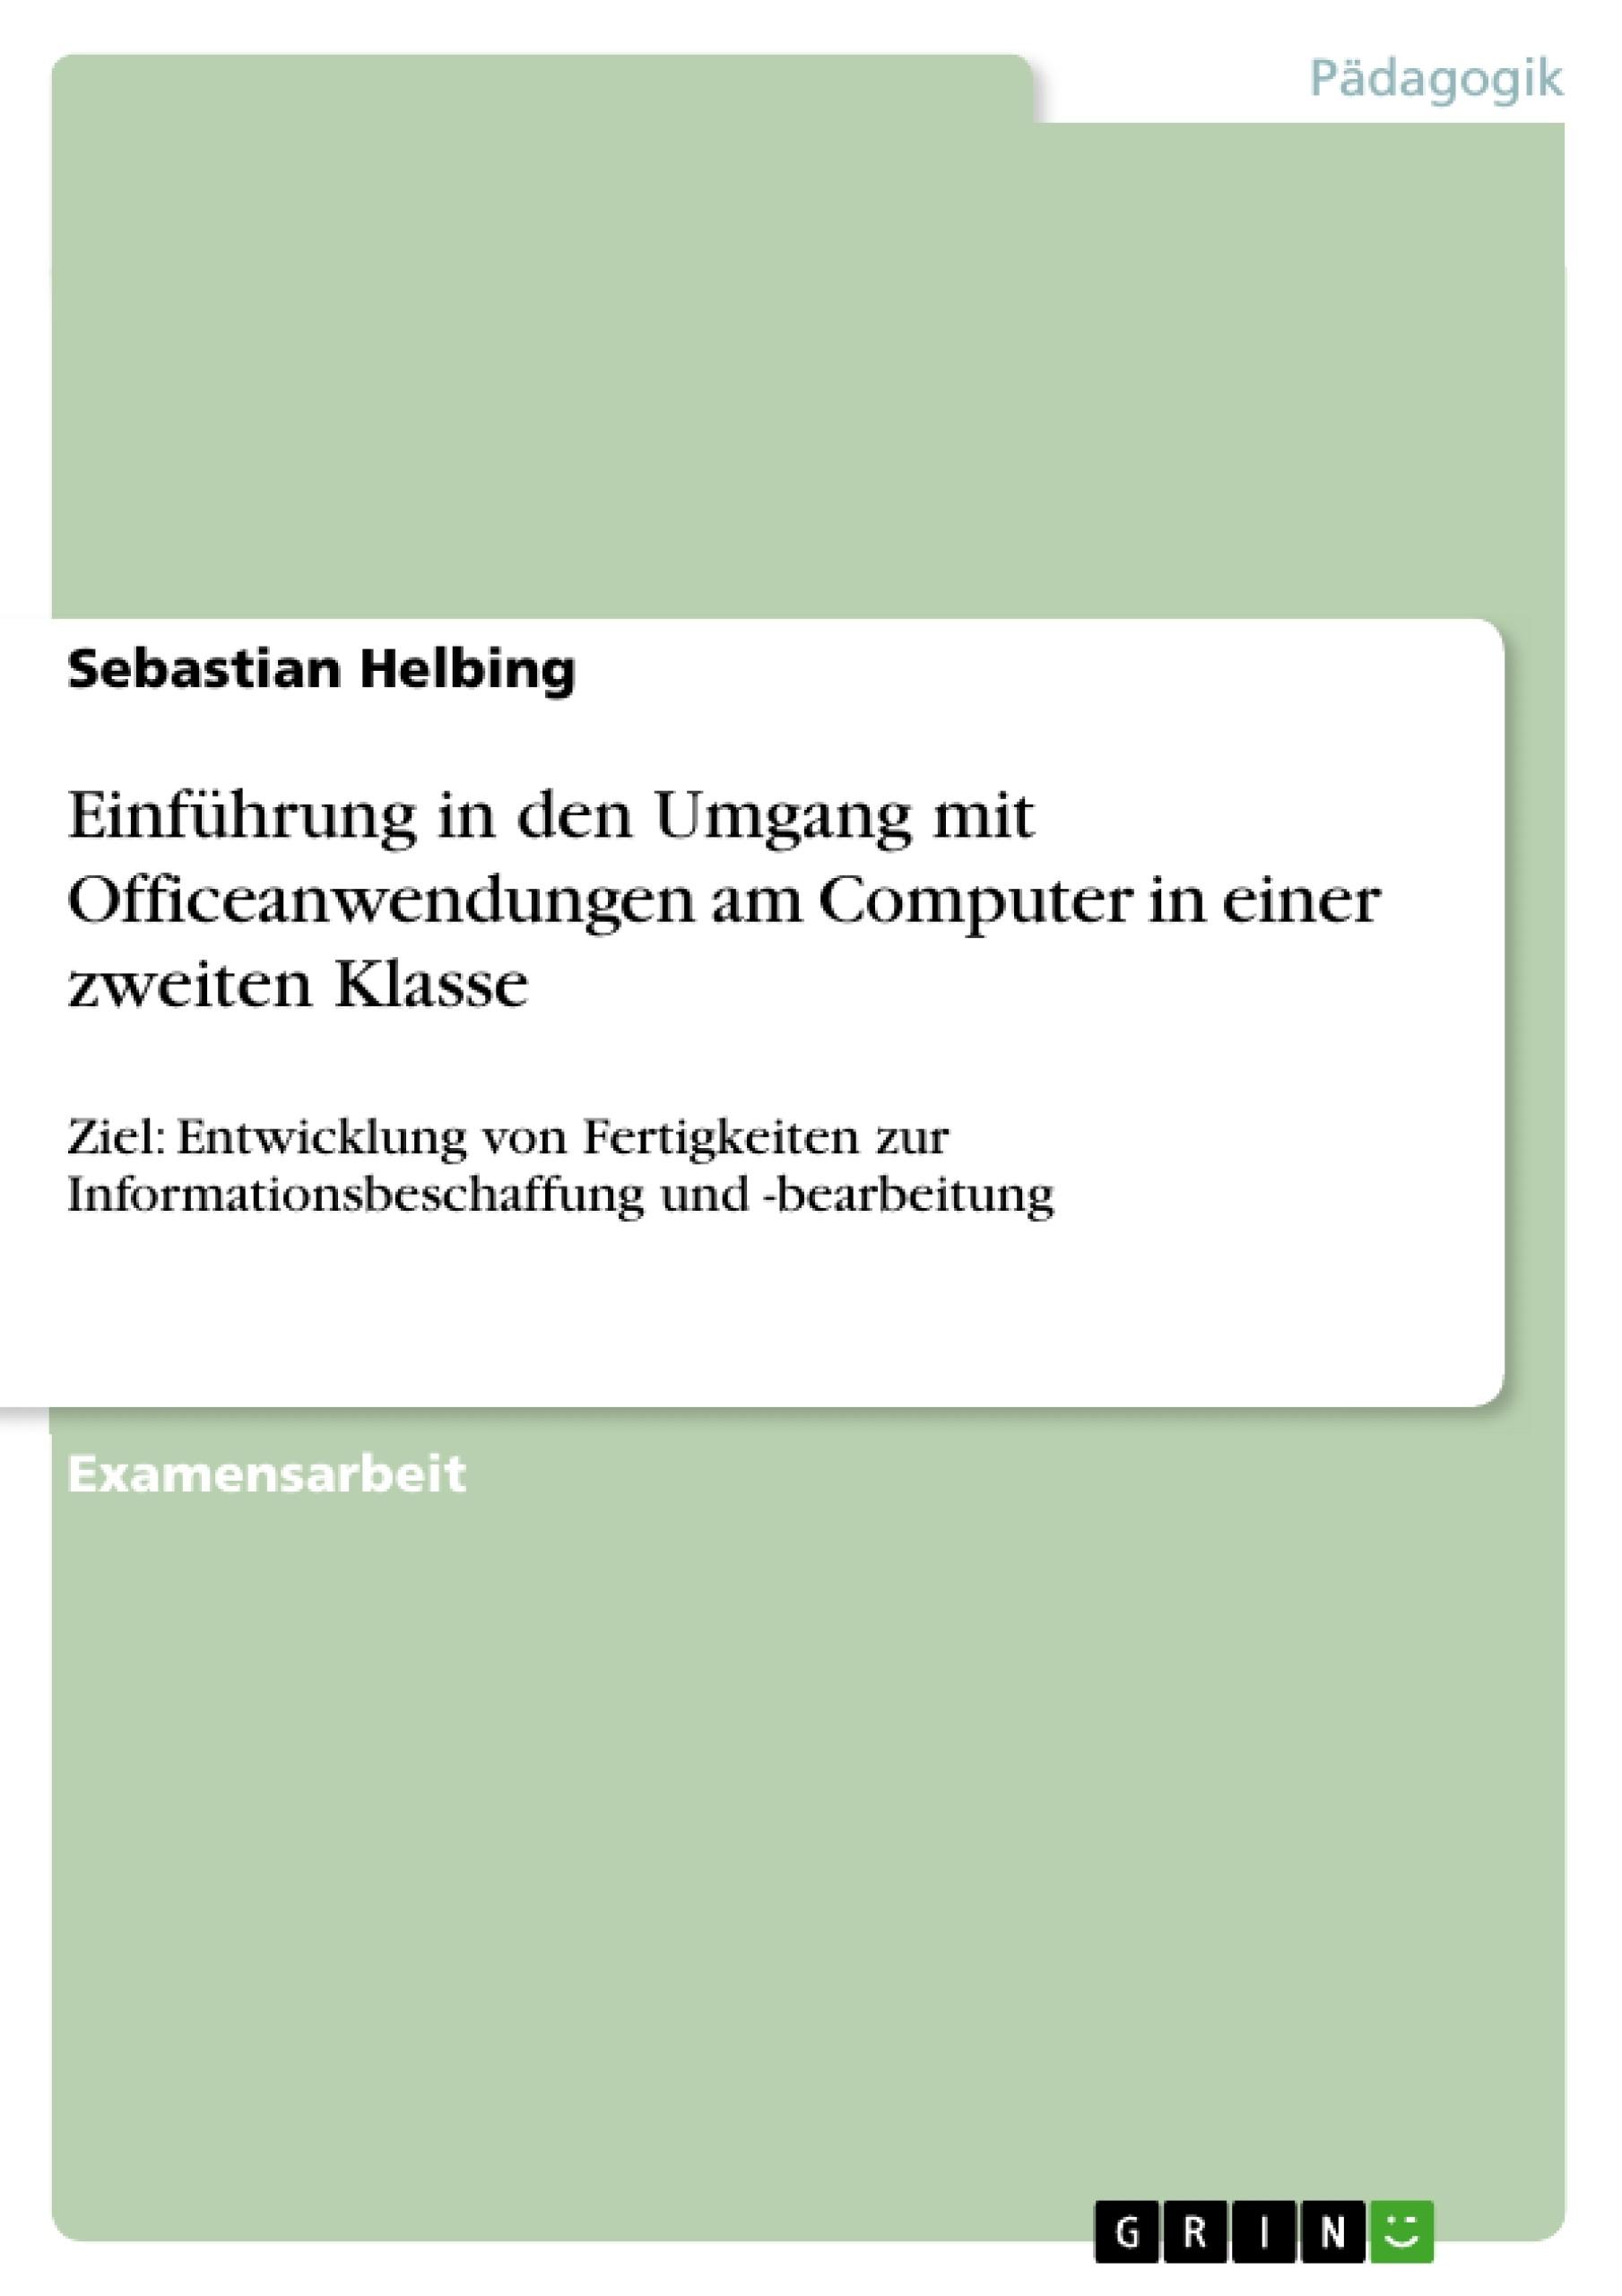 Titel: Einführung in den Umgang mit Officeanwendungen am Computer in einer zweiten Klasse